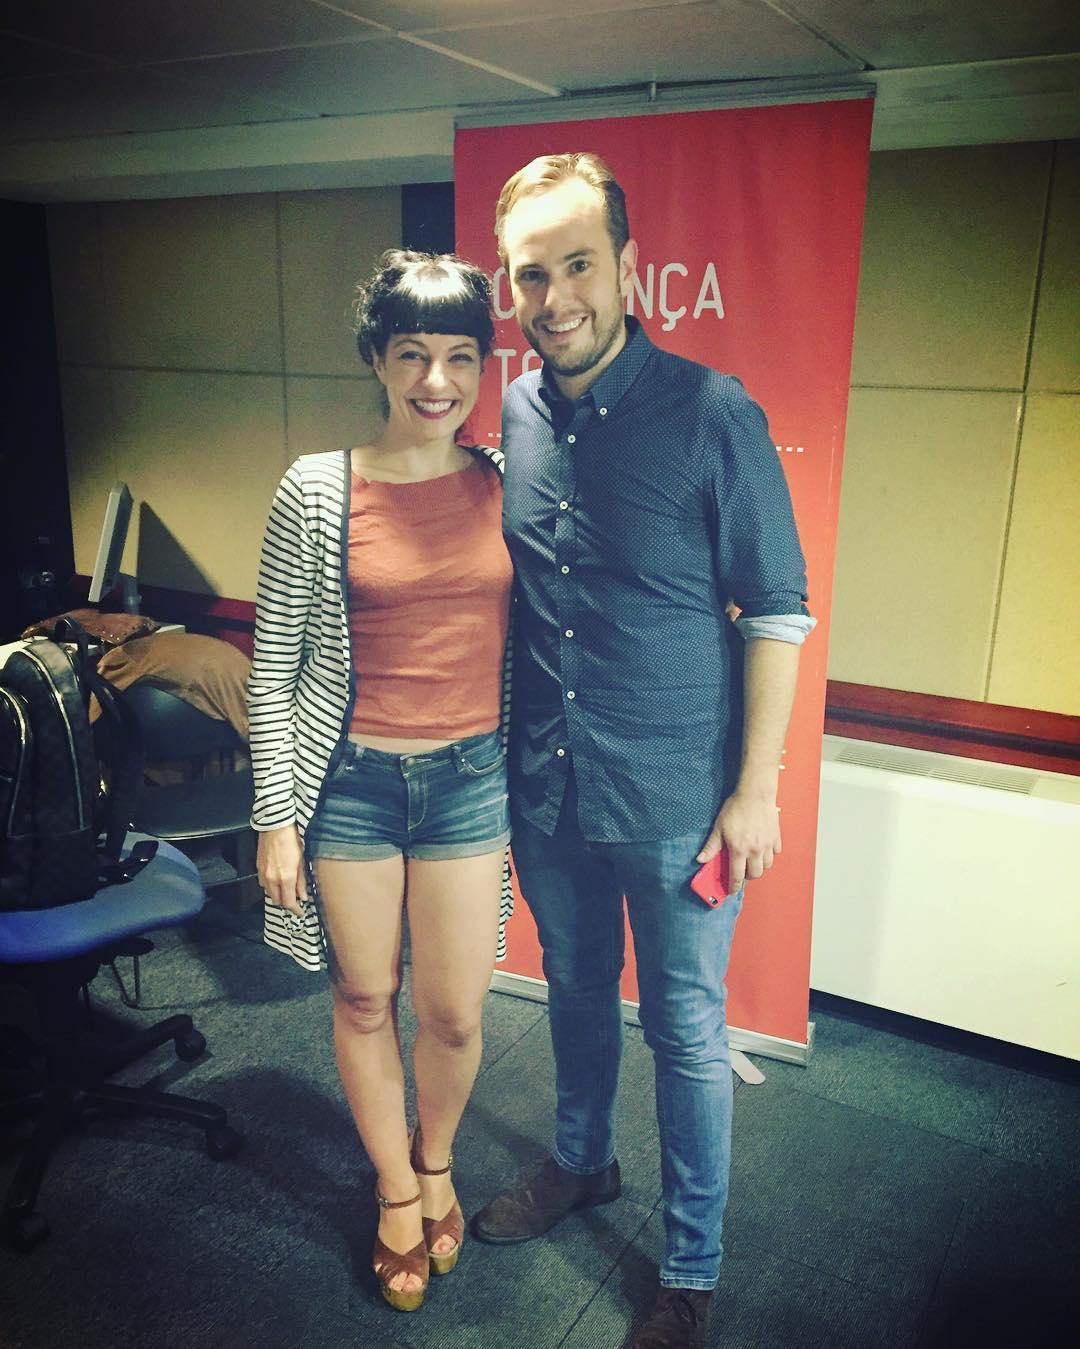 Hoy en @lanit31416 hemos disfrutado mucho la visita de @jorgeblass ;)) @la_ser #sercat #31416lanitquenosacaba #radio #risas #humor #tonimarin #pictoftheday #working #news #happyday #friends #moment #lanit131416